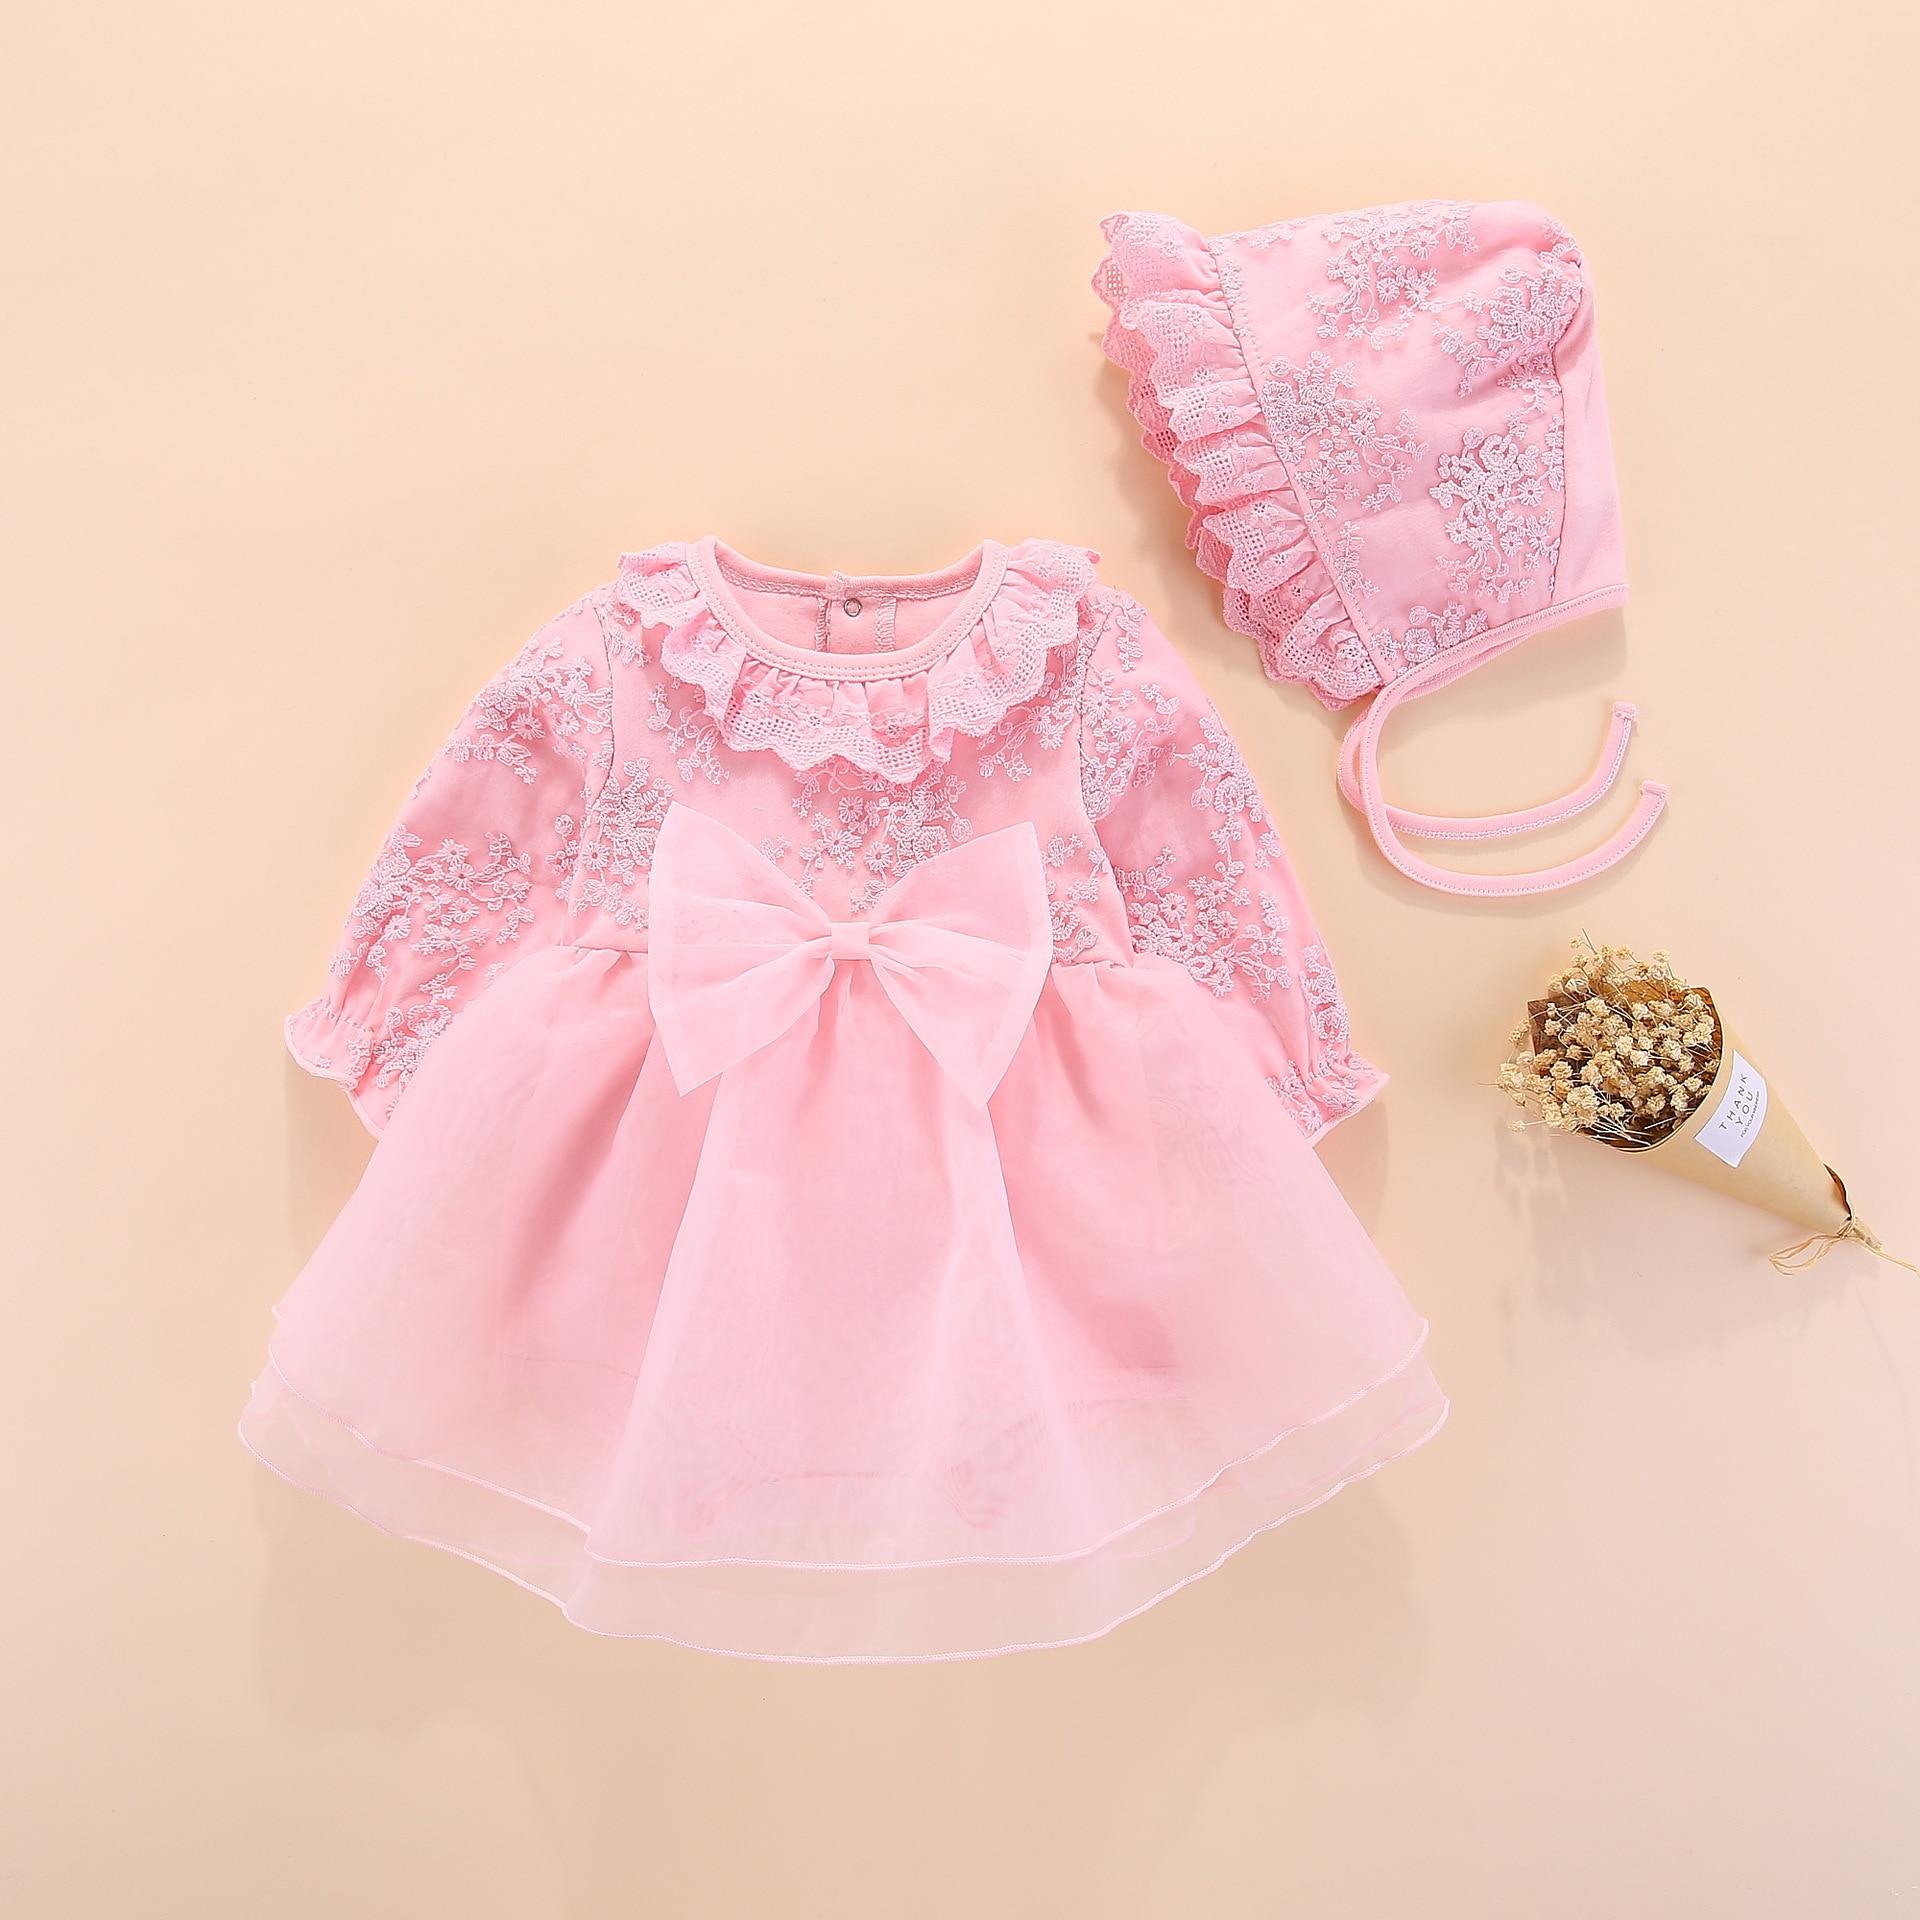 3c5c0ceecbf0 Manga longa bebê meninas vestido vestido de princesa de casamento e batismo  vestidos infantis do bebê recém-nascido conjunto de roupas de menina rosa  com ...